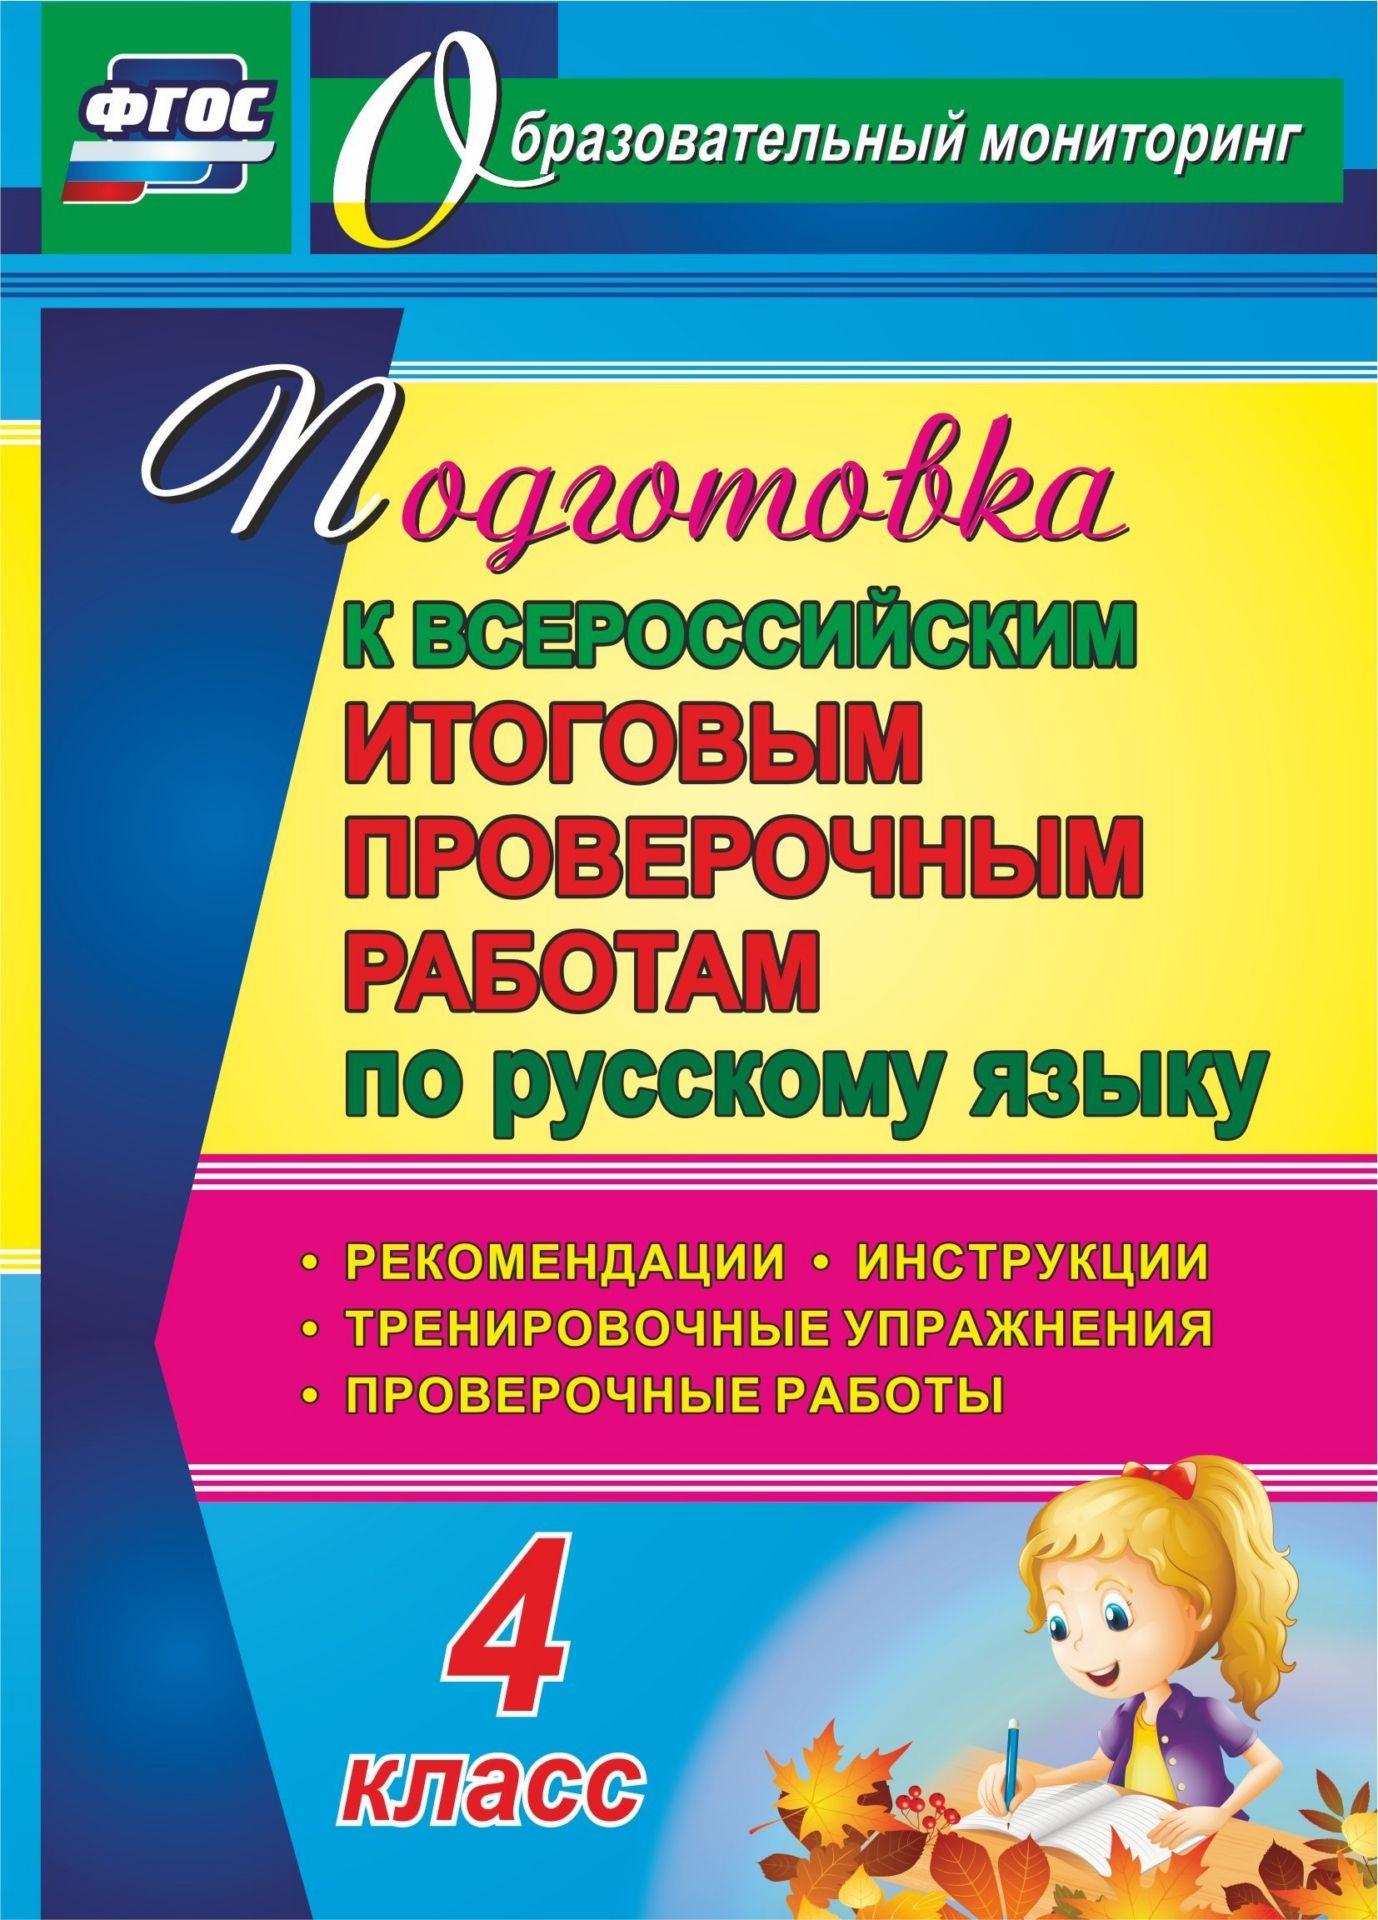 Подготовка к Всероссийским итоговым проверочным работам по русскому языку. 4 класс: рекомендации, проверочные работы, тренировочные упражнения, инструкции